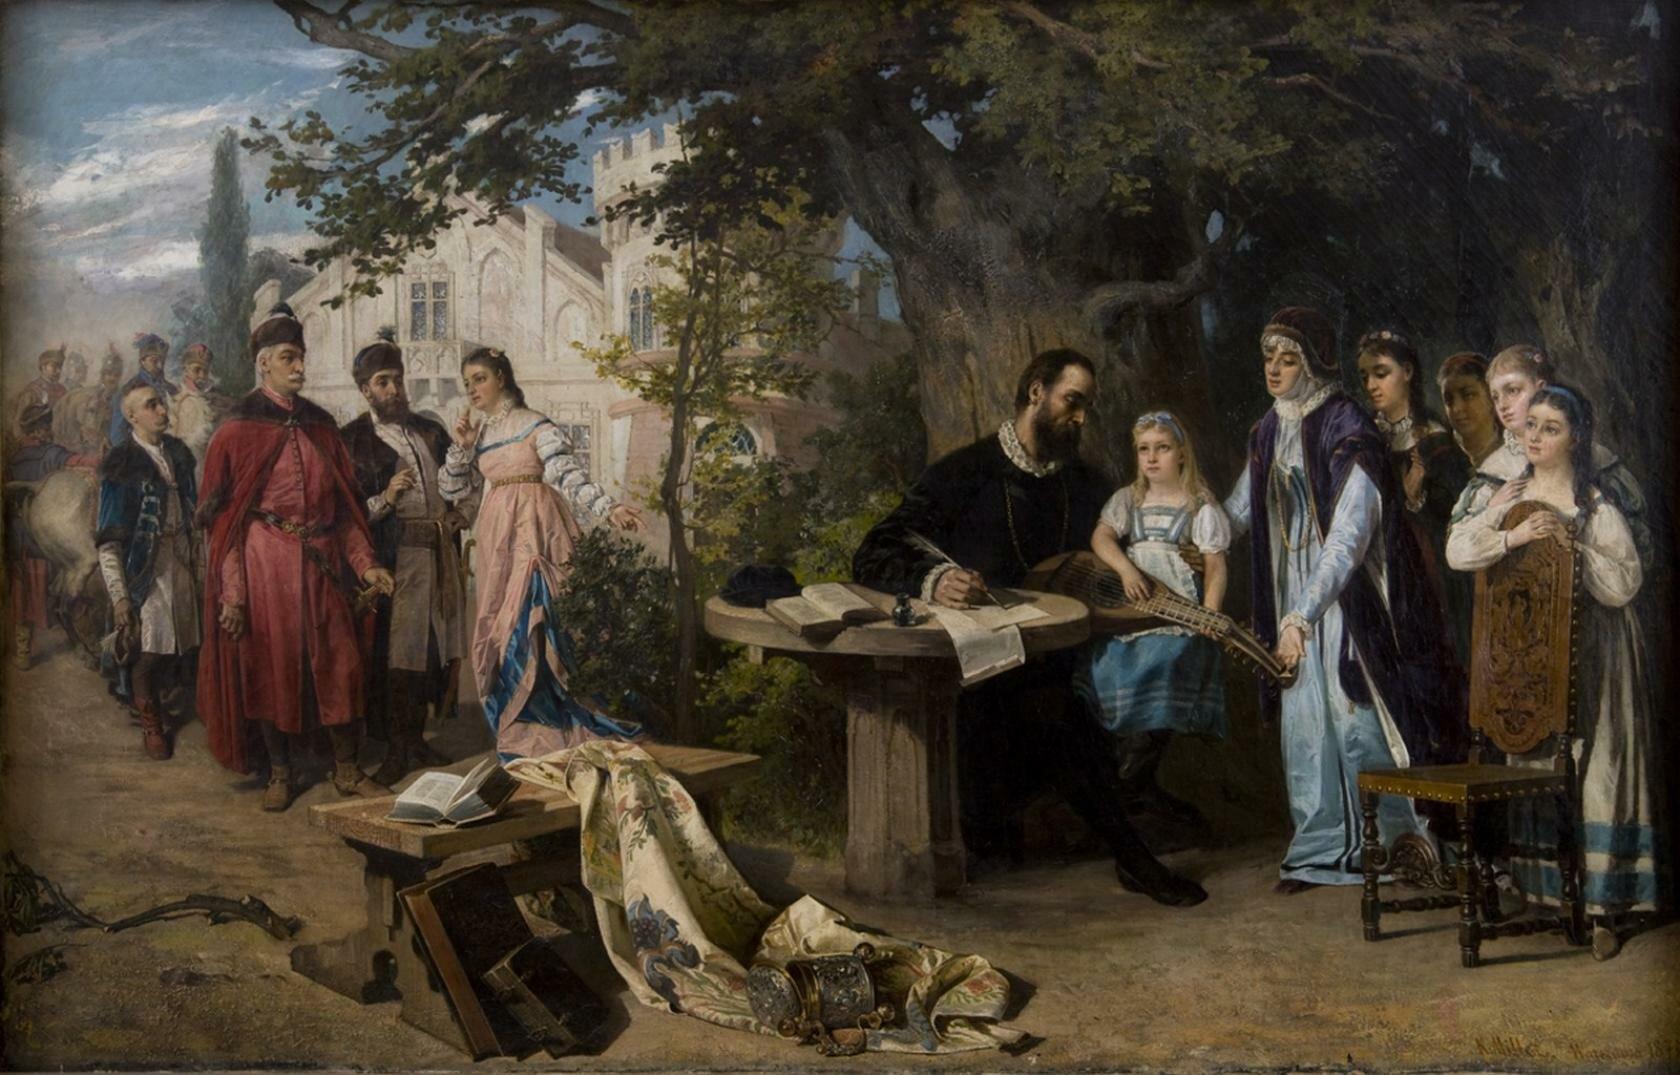 Odwiedziny Jana Zamoyskiego wCzarnolesie Źródło: Karol Miller (1835–1920; polski malarz), Odwiedziny Jana Zamoyskiego wCzarnolesie, 1877, Muzeum Narodowe wKrakowie, domena publiczna.